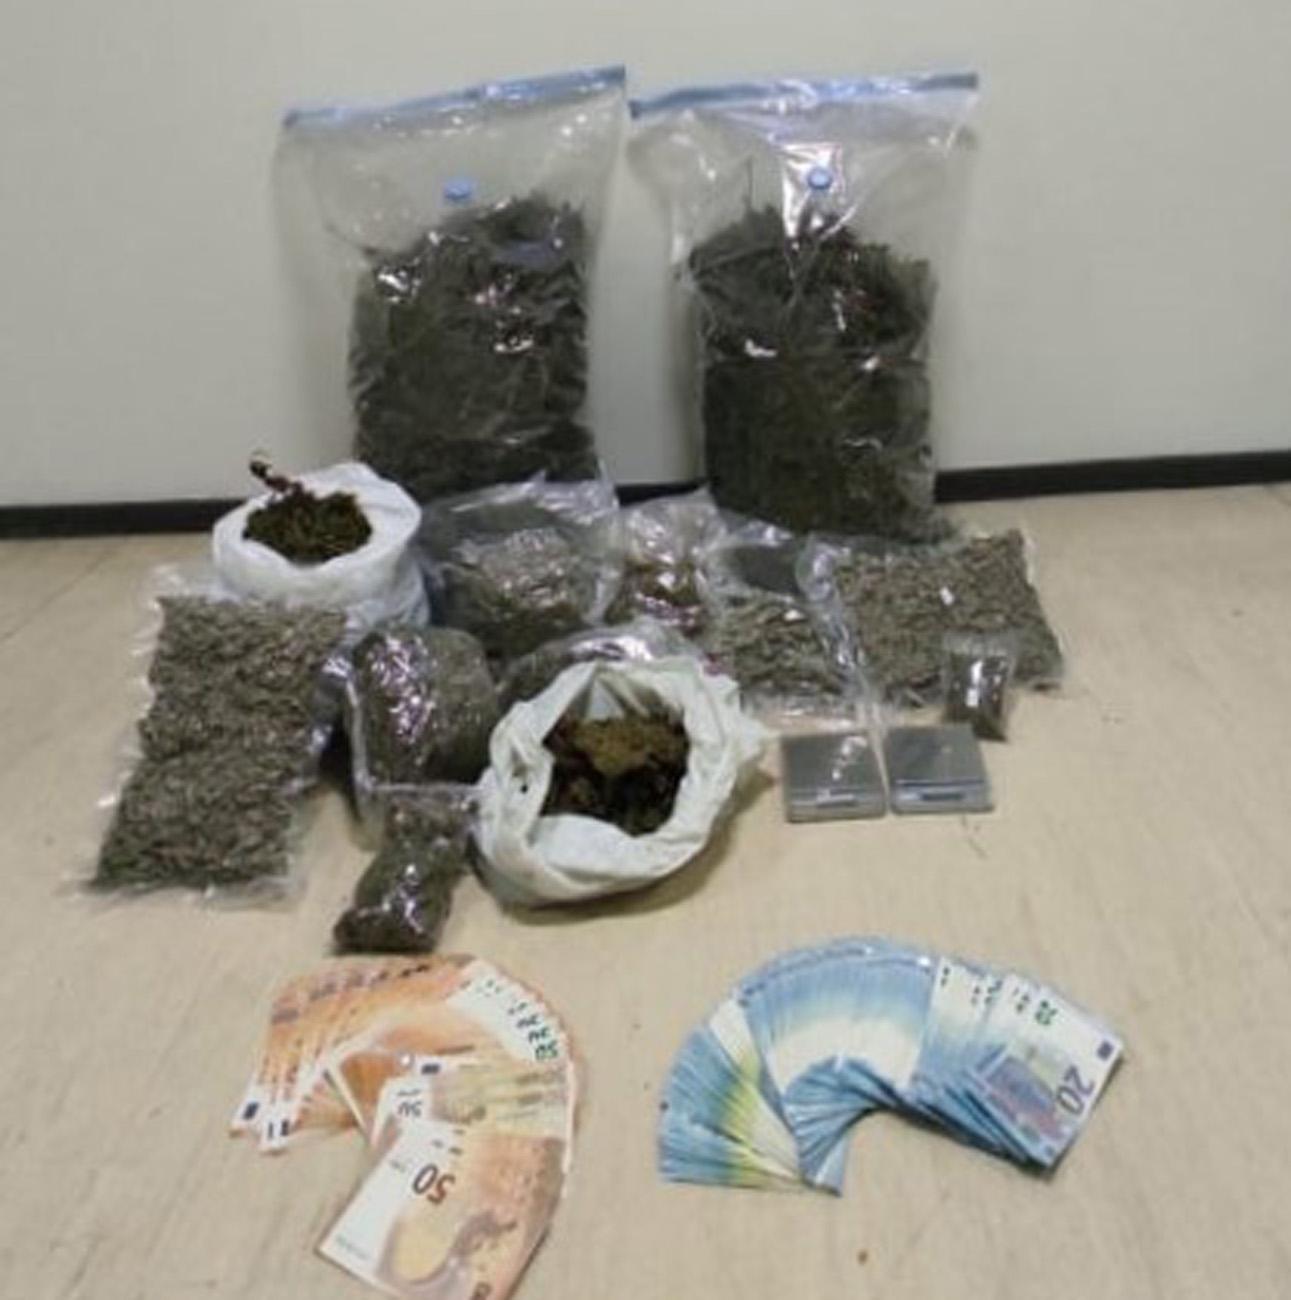 Κέρκυρα: Πιάστηκε με 8,5 κιλά χασίς και 6.000 ευρώ στο σπίτι του